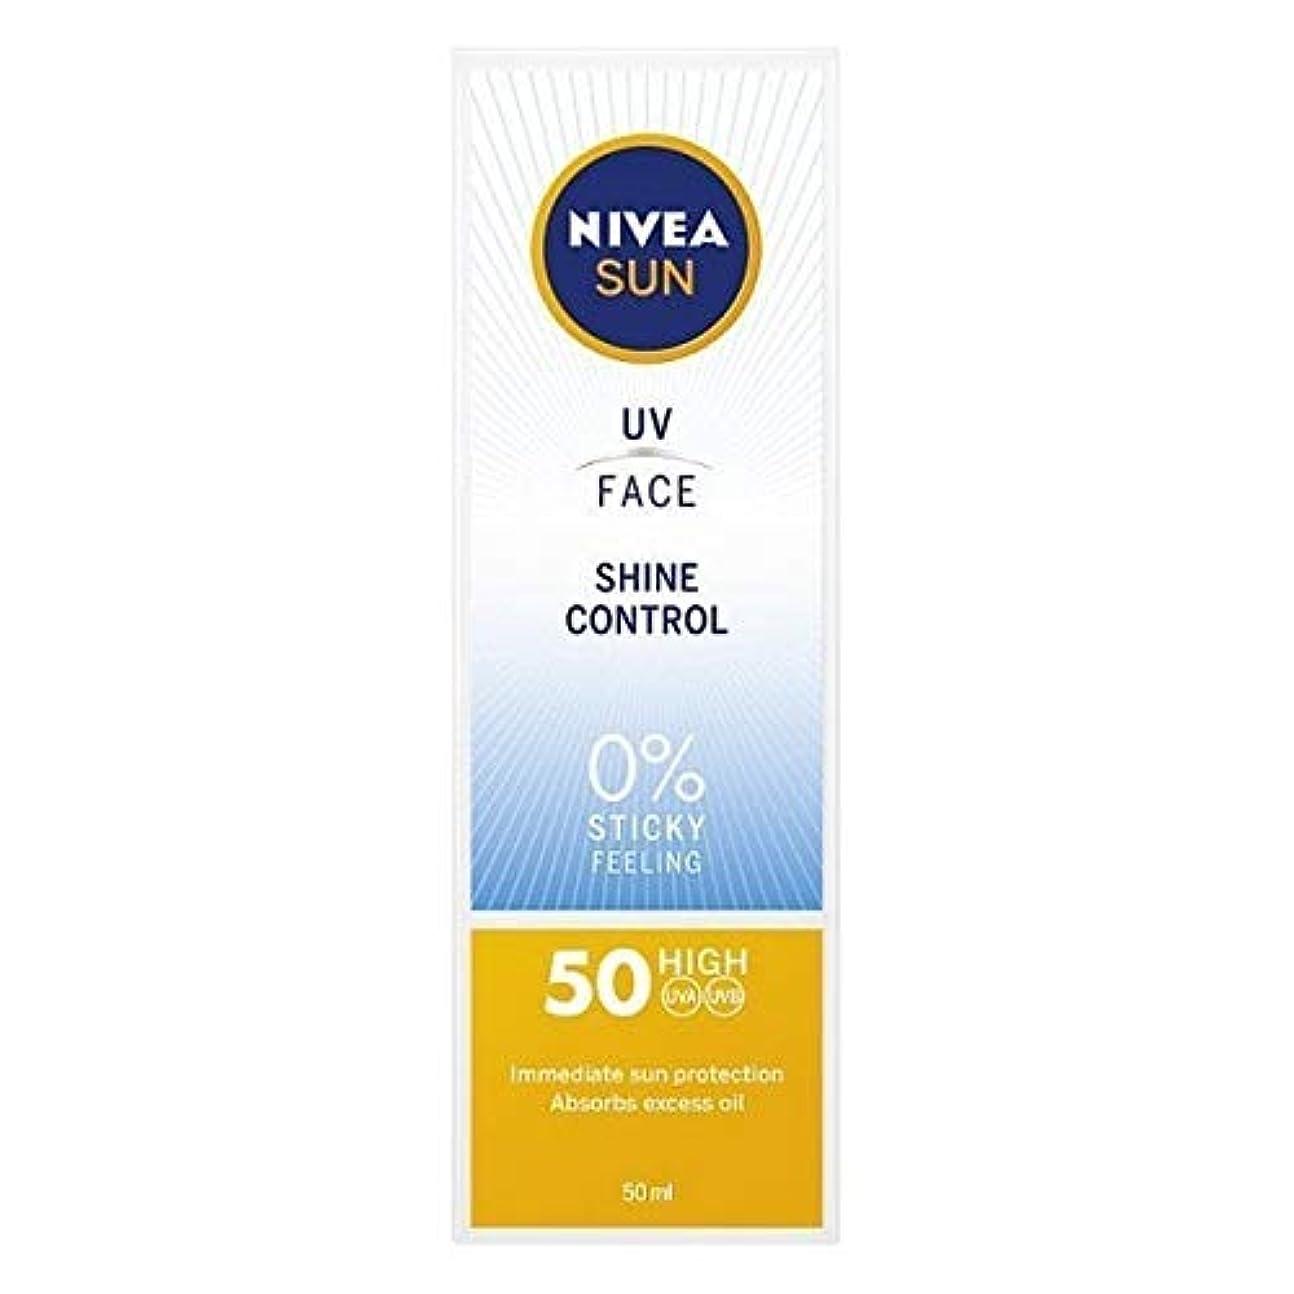 英語の授業があります豊富なトリクル[Nivea ] ニベアサンUv顔日焼け止めクリームのSpf 50、輝き制御、50ミリリットル - NIVEA SUN UV Face Suncream SPF 50, Shine Control, 50ml [並行輸入品]